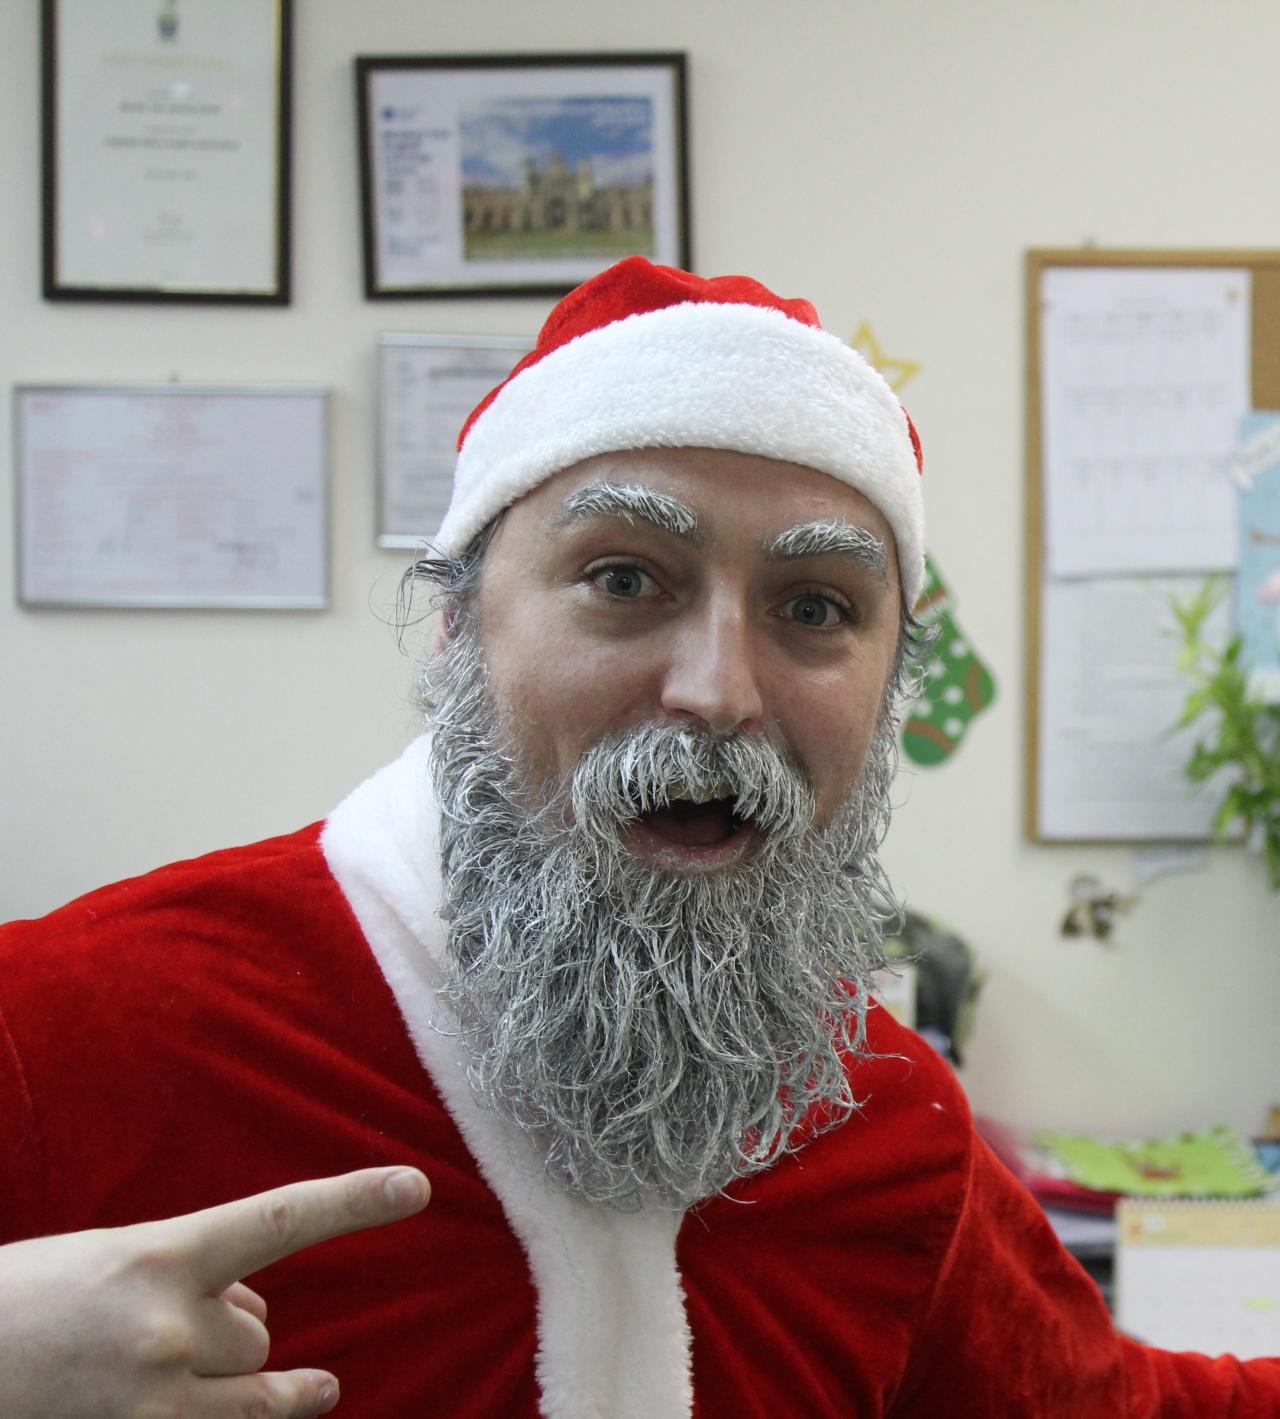 Dan Santa